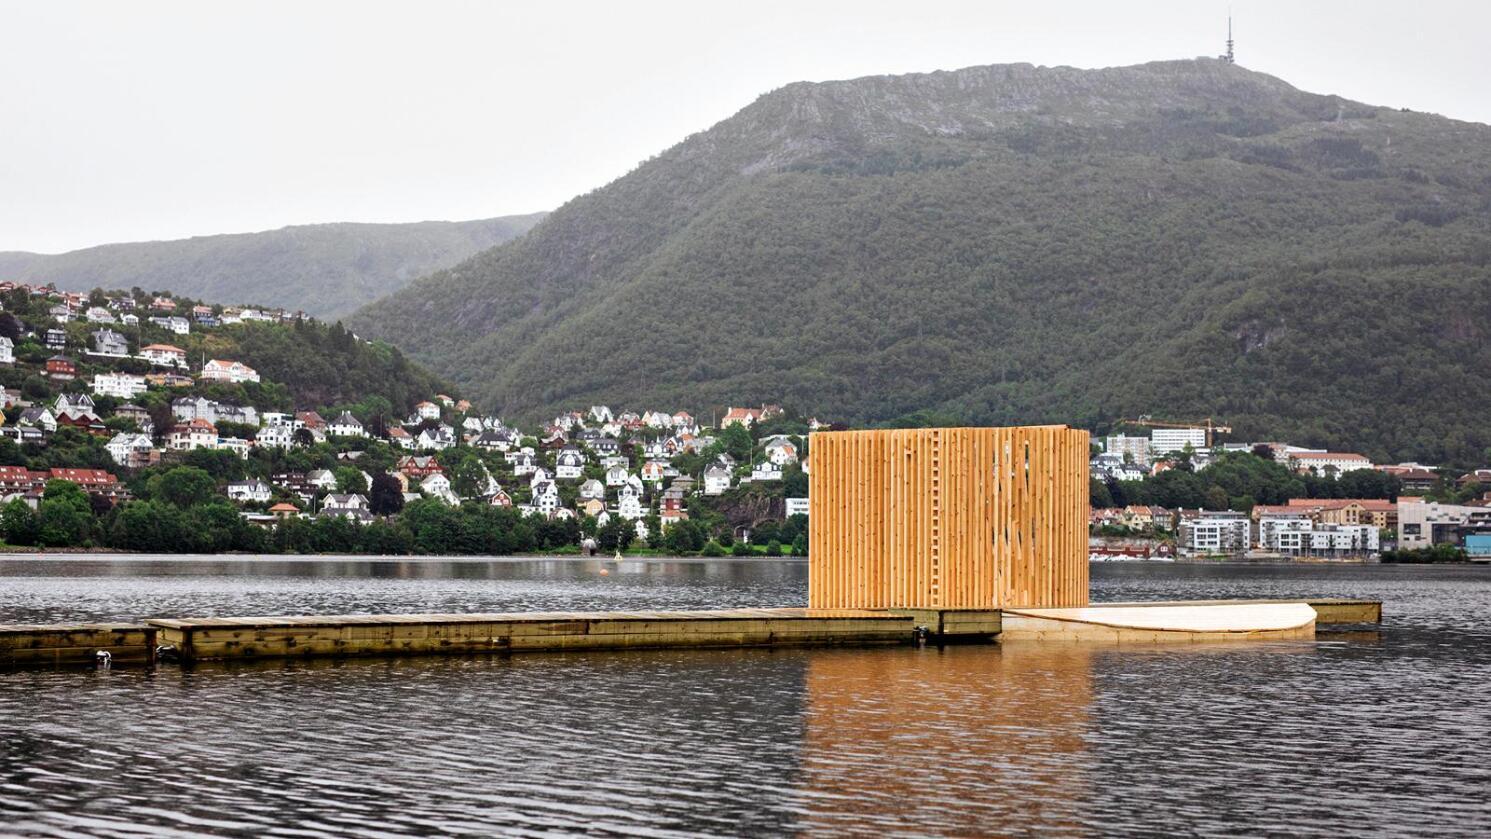 De 25 studentene har lagt ned mange timer med arbeid i paviljongen på Store Lungegårdsvann. Besøkende kan ta seg ut til paviljongen via en flytebrygge. (Foto: Eirik Evjen)